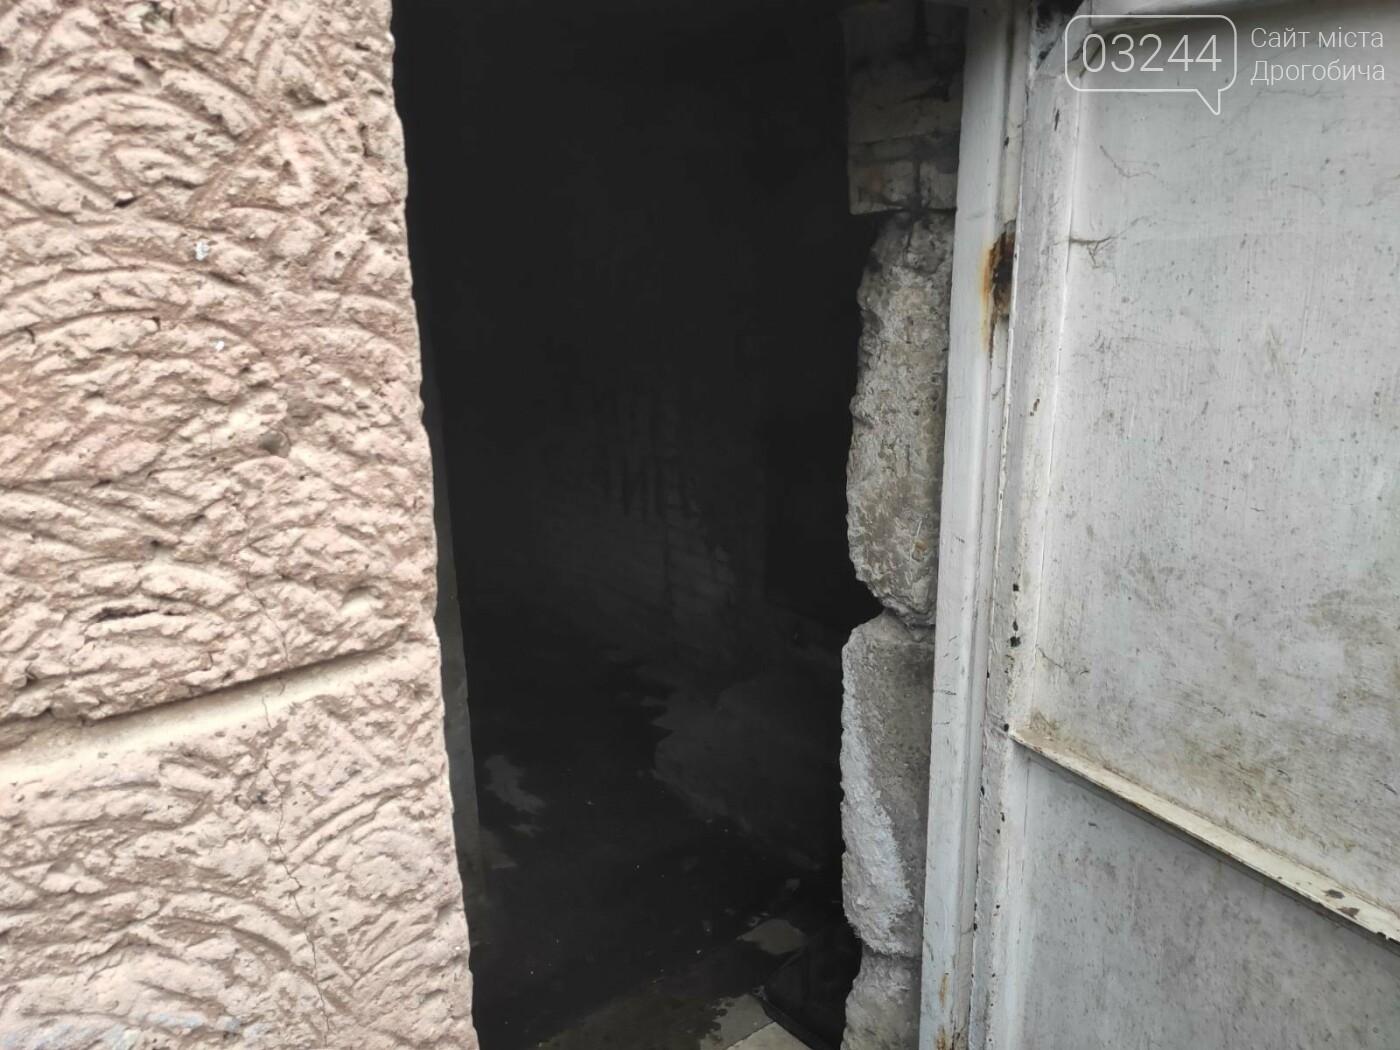 У багатоповерховому будинку на вулиці Стрийській пів дня не було  електроенергії через пожежу у підвалі, - ФОТО, фото-5